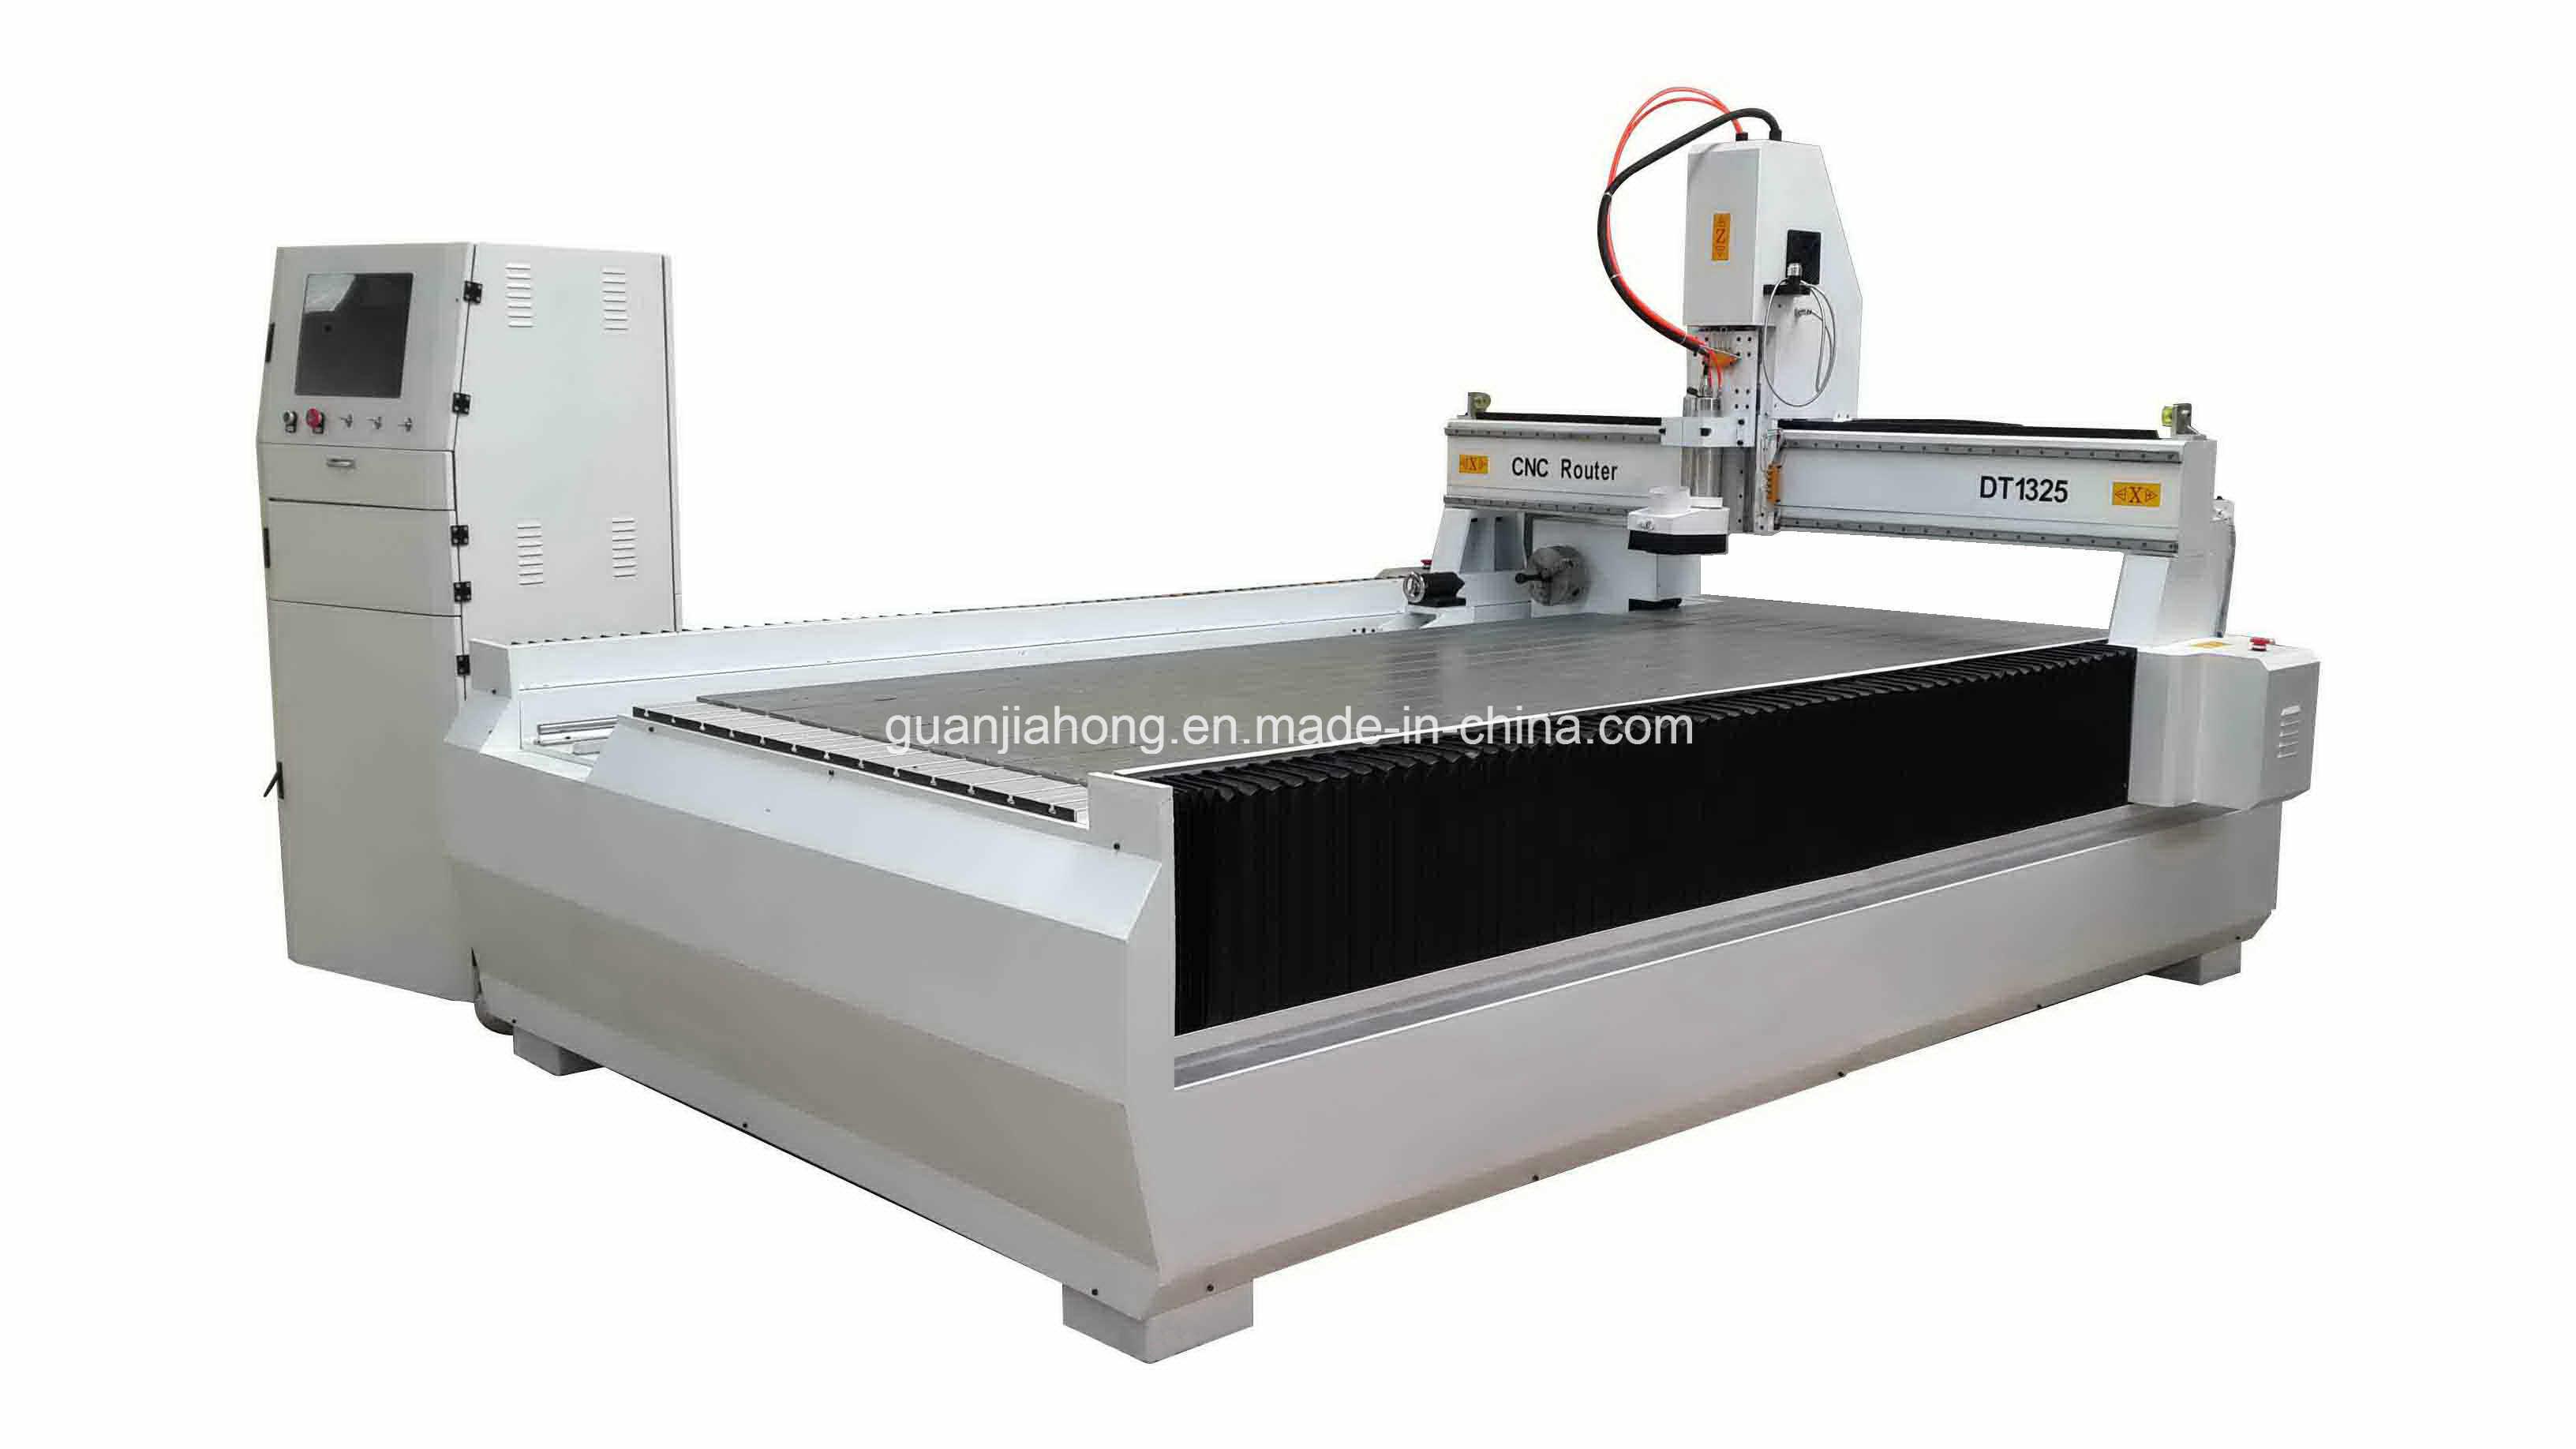 2D & 3D Woodworking CNC Router 1325